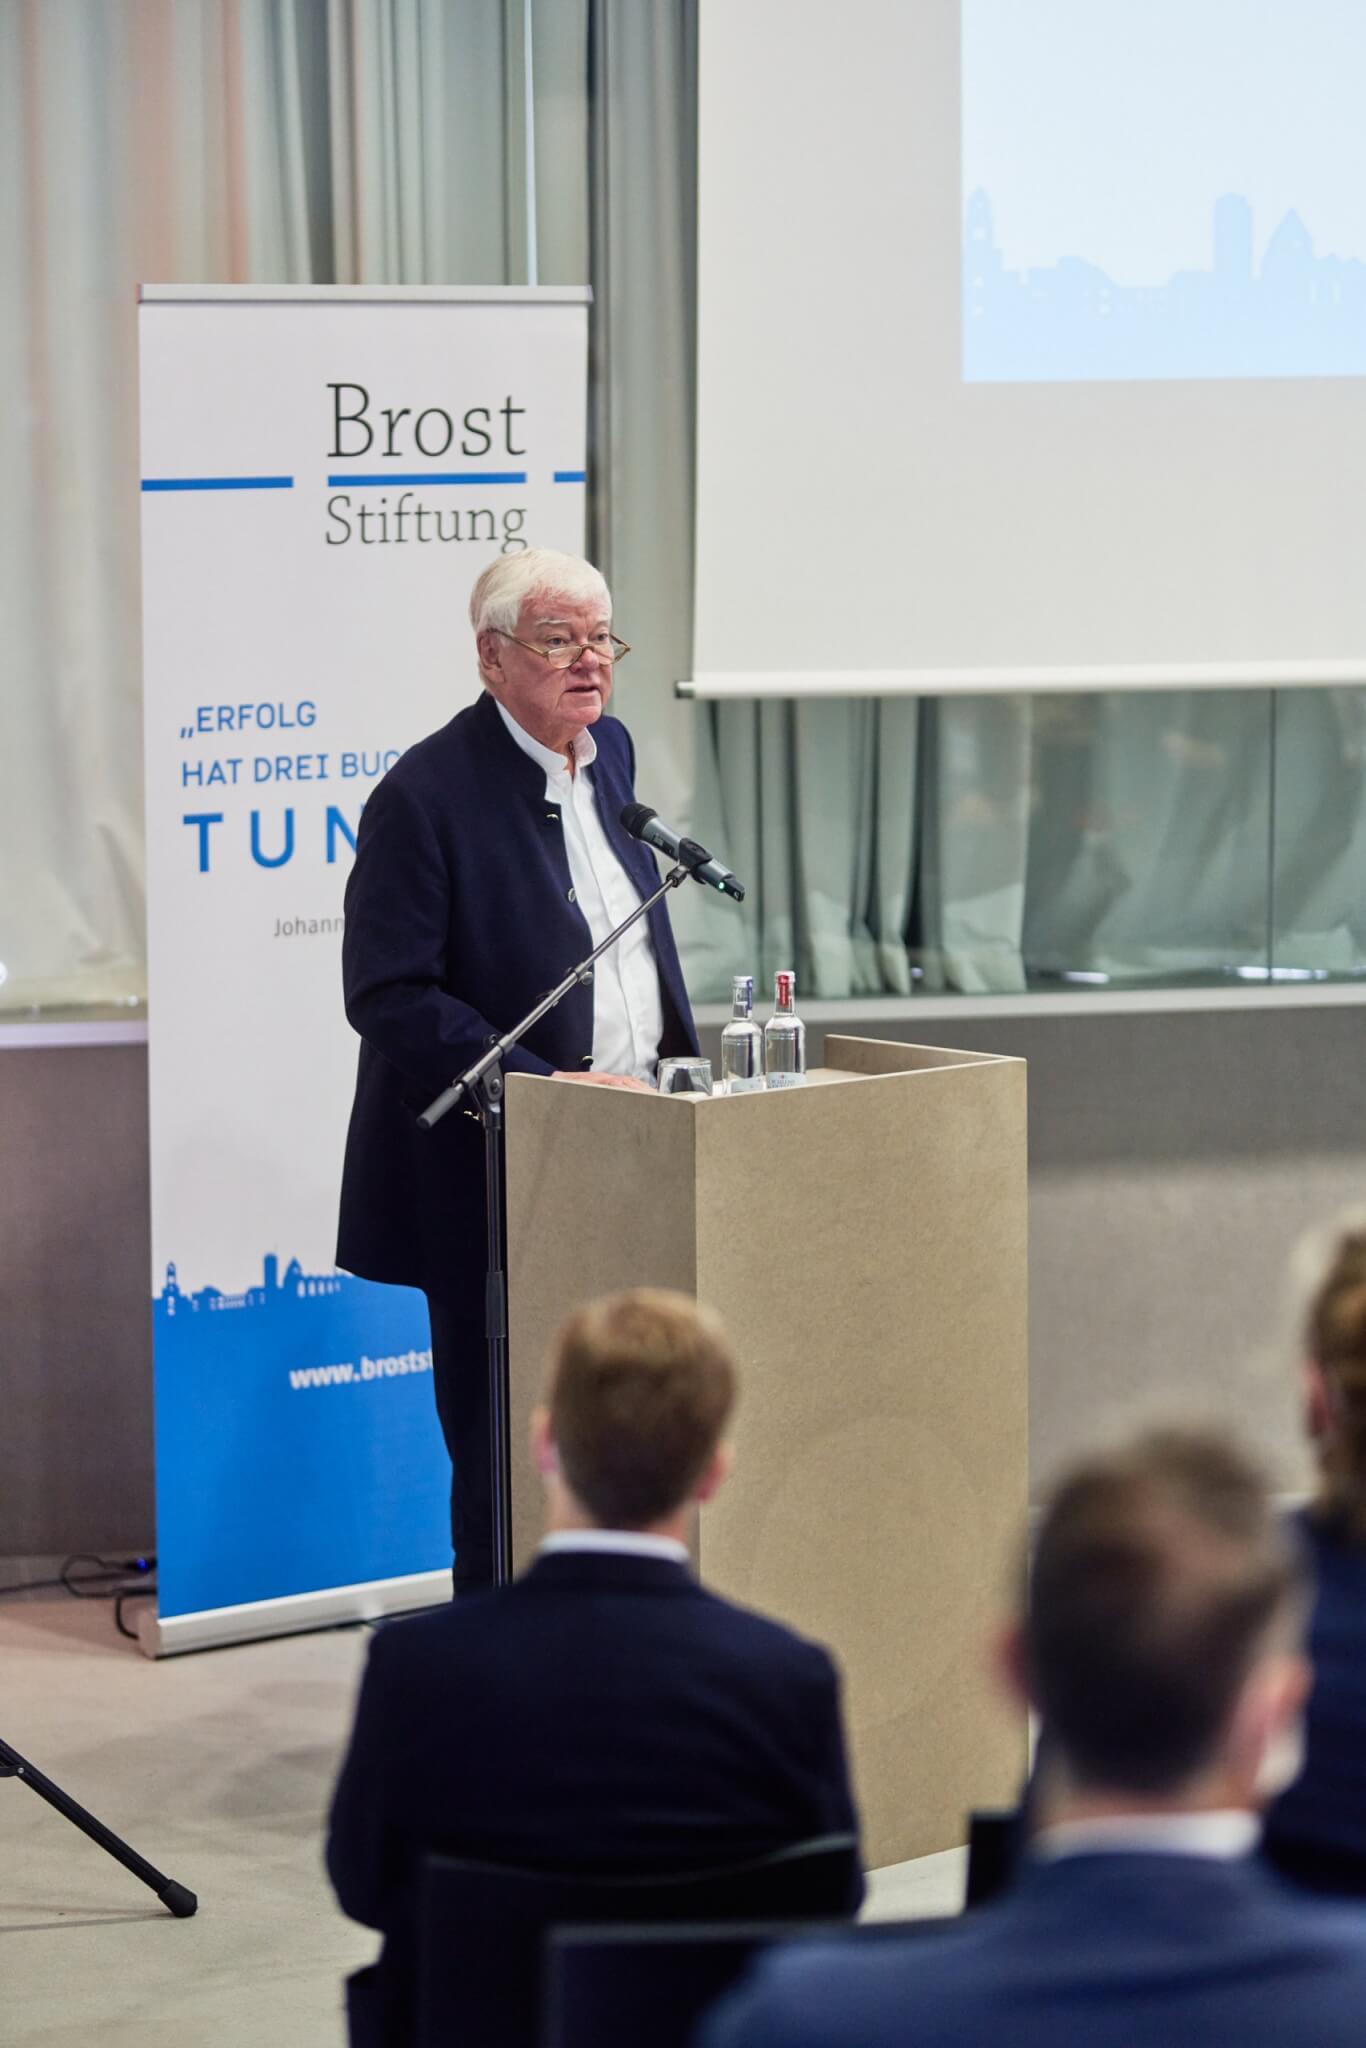 Prof. Bodo Hombach, Vorstandsvorsitzender der Brost-Stiftung, hielt die Eröffnungsrede